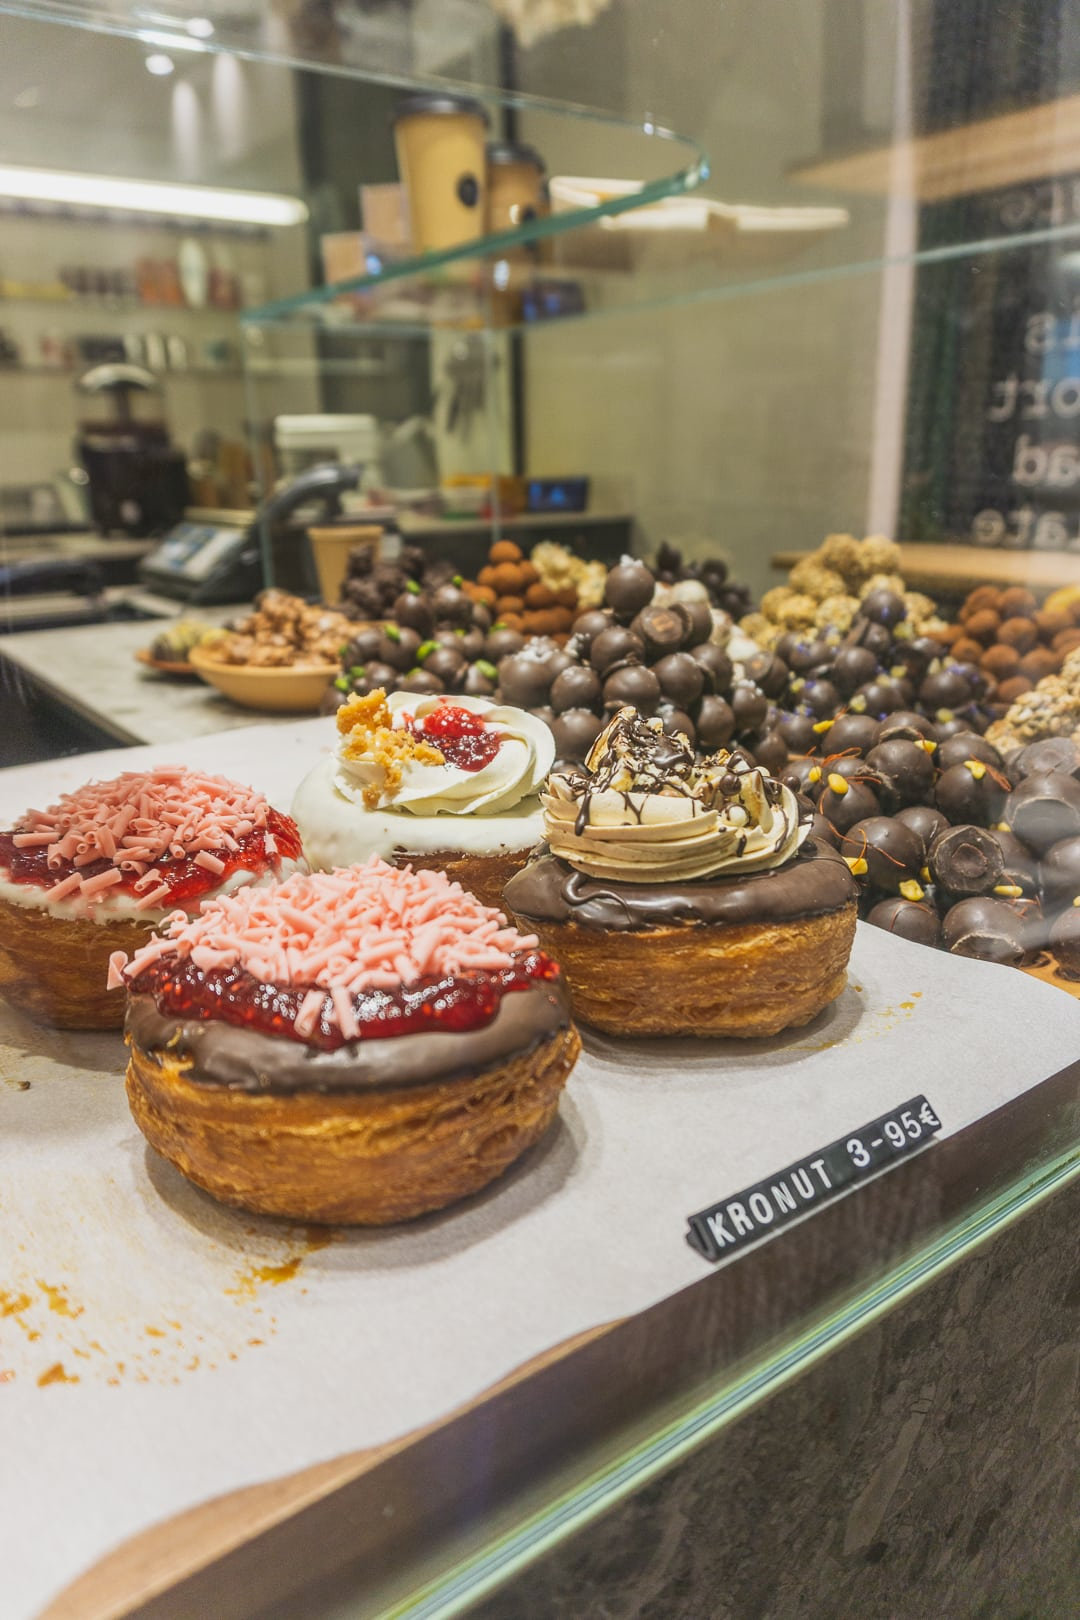 chok donut in barcelona, restaurants in barcelona, spain